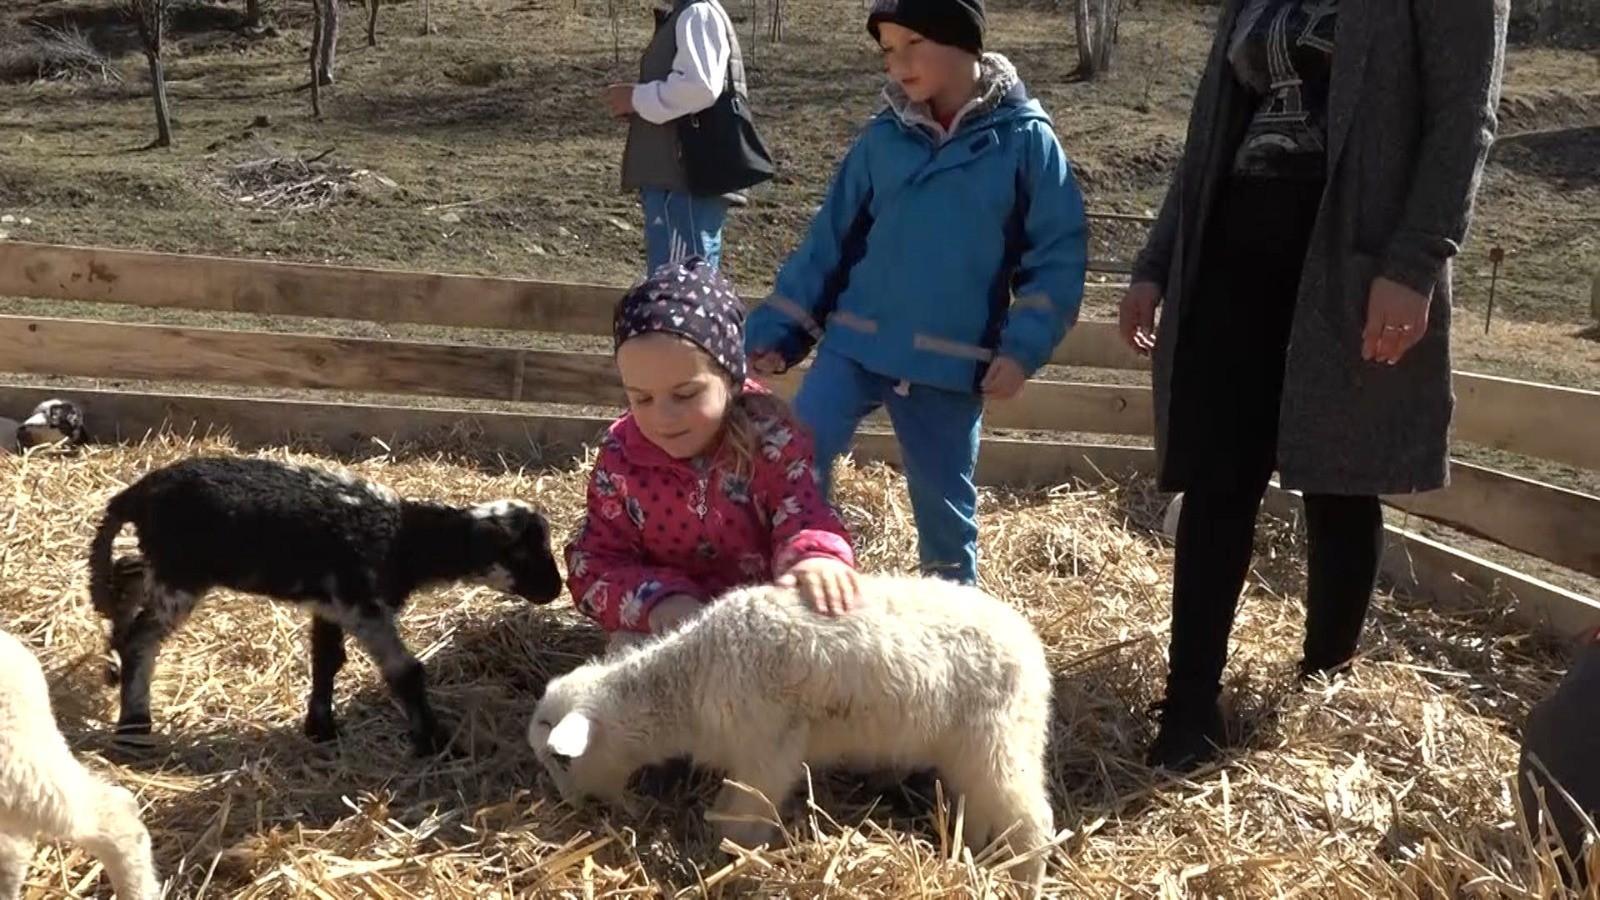 Raiul celor mici, într-un sat din Harghita. Copiii se pot juca și hrăni animalele pe care, cei mai mulți le-au văzut doar în cărți